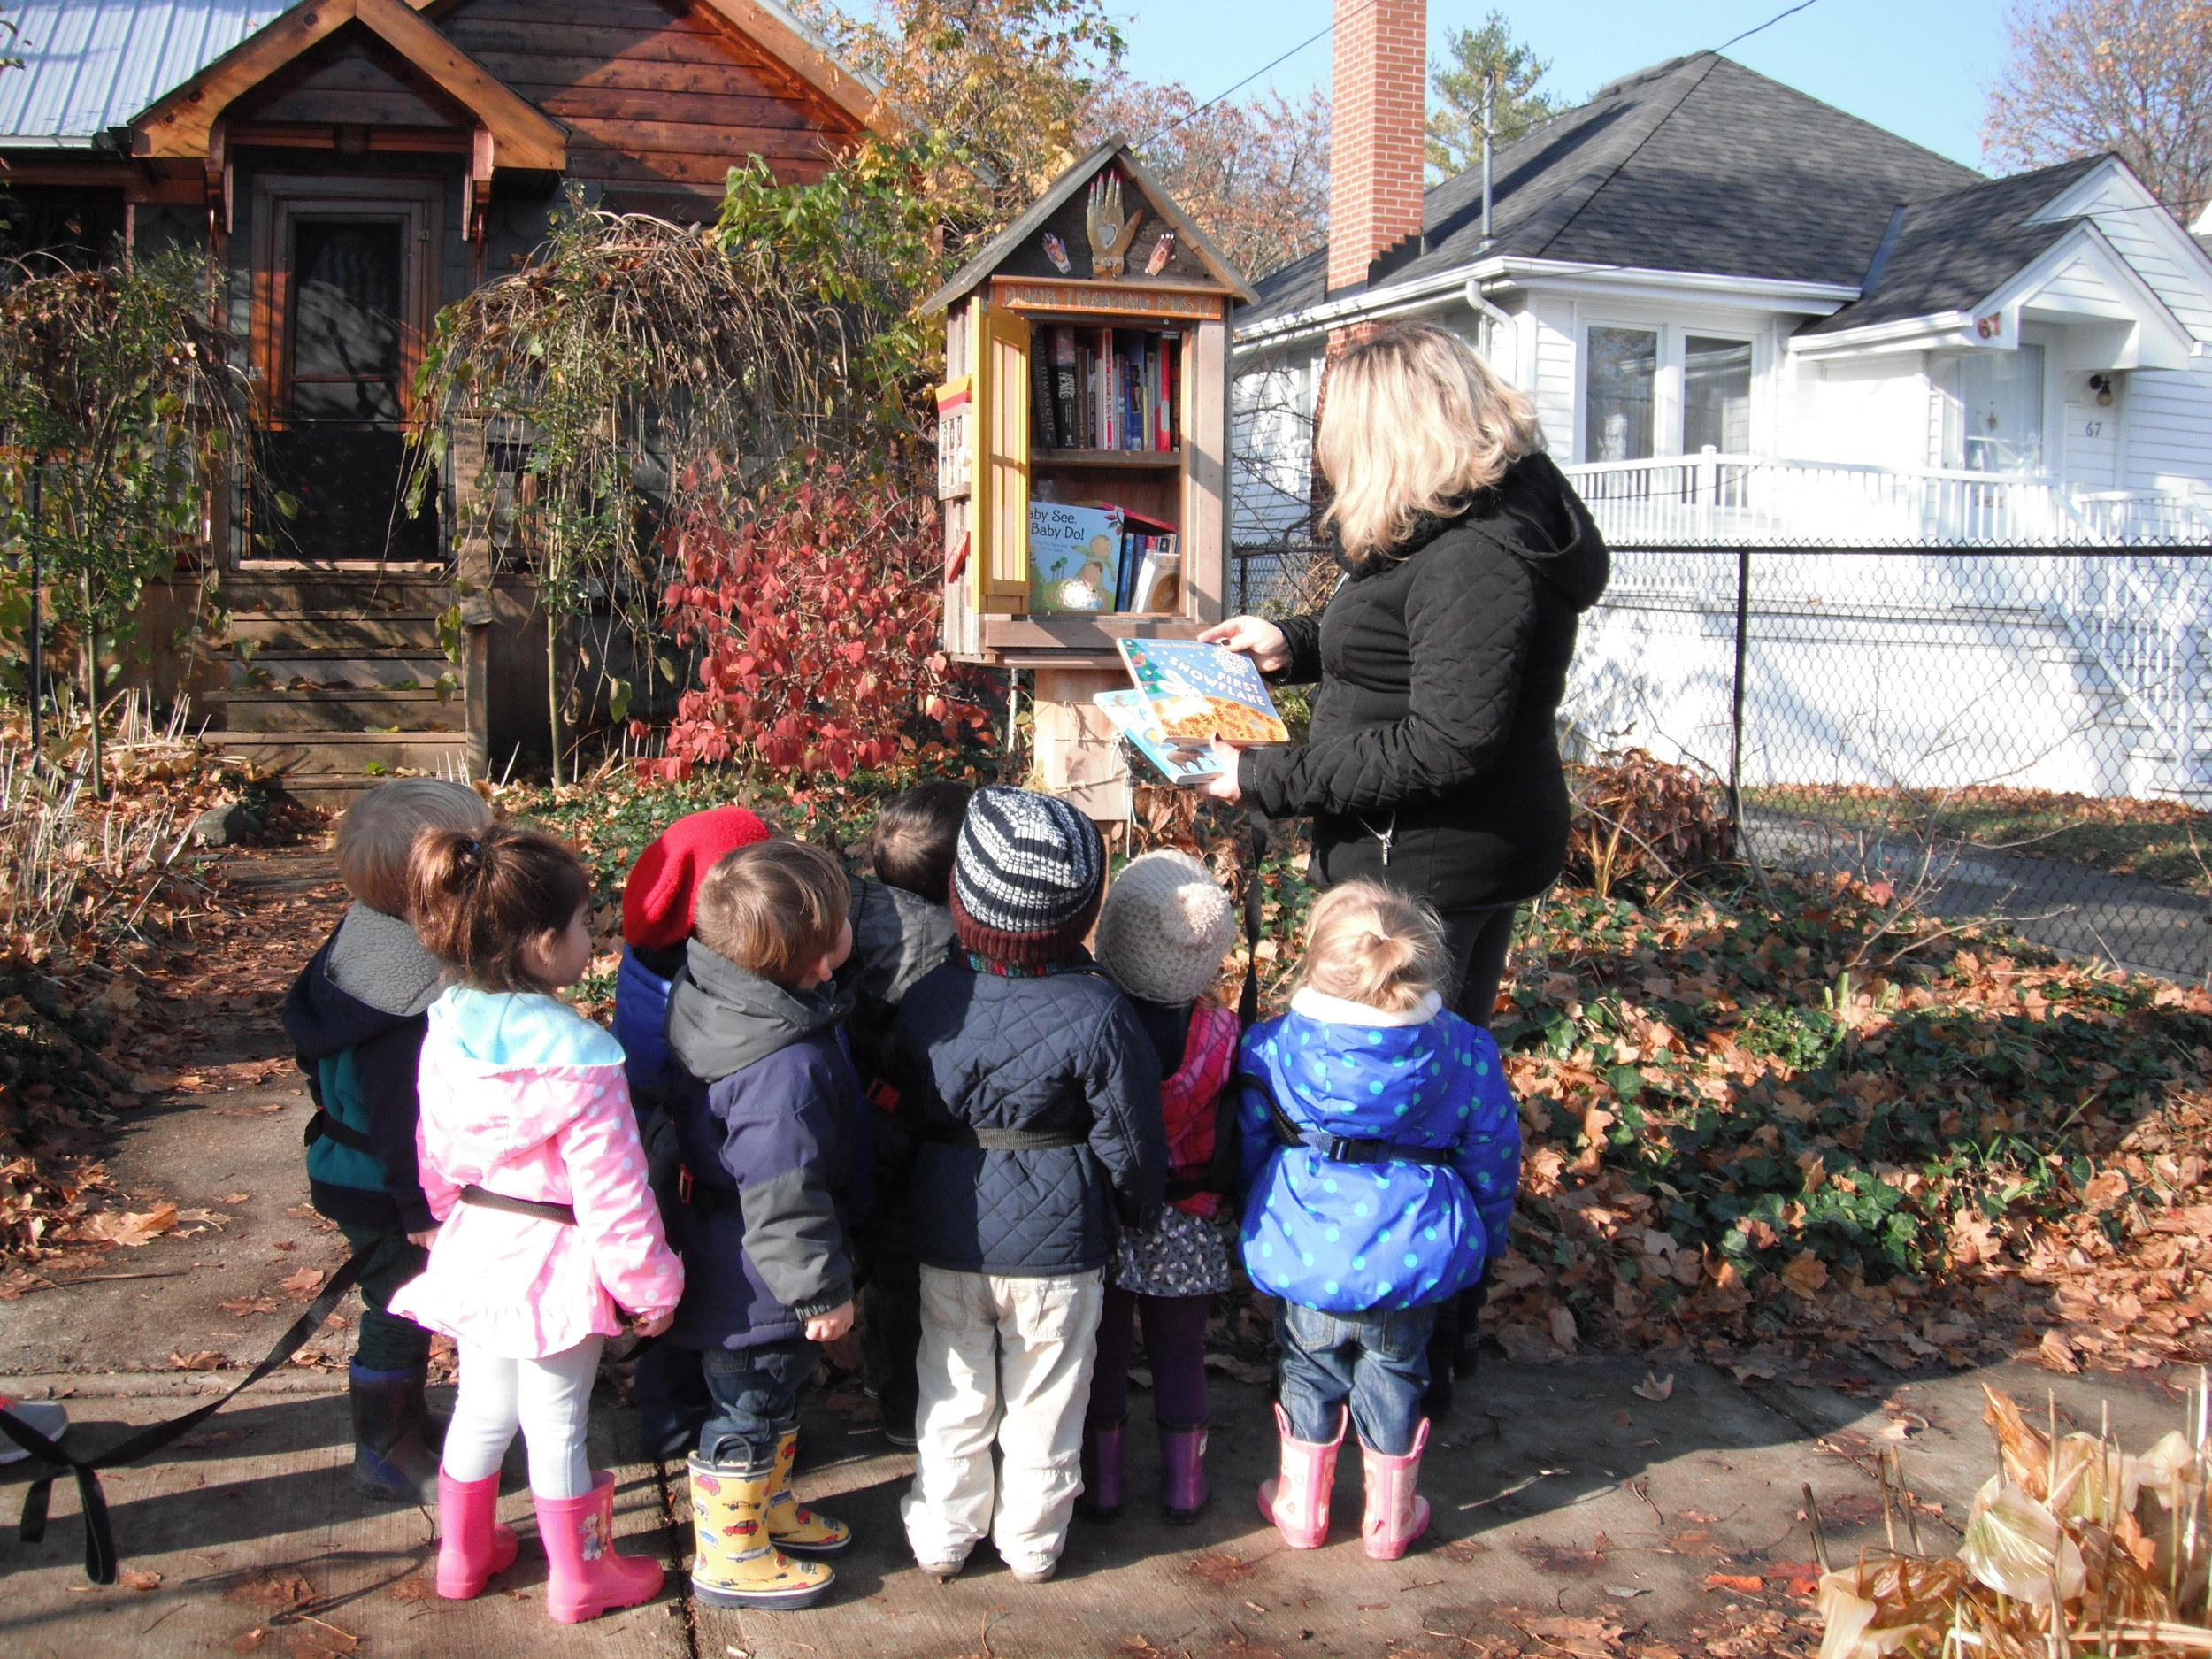 Exploring neighbourhoods